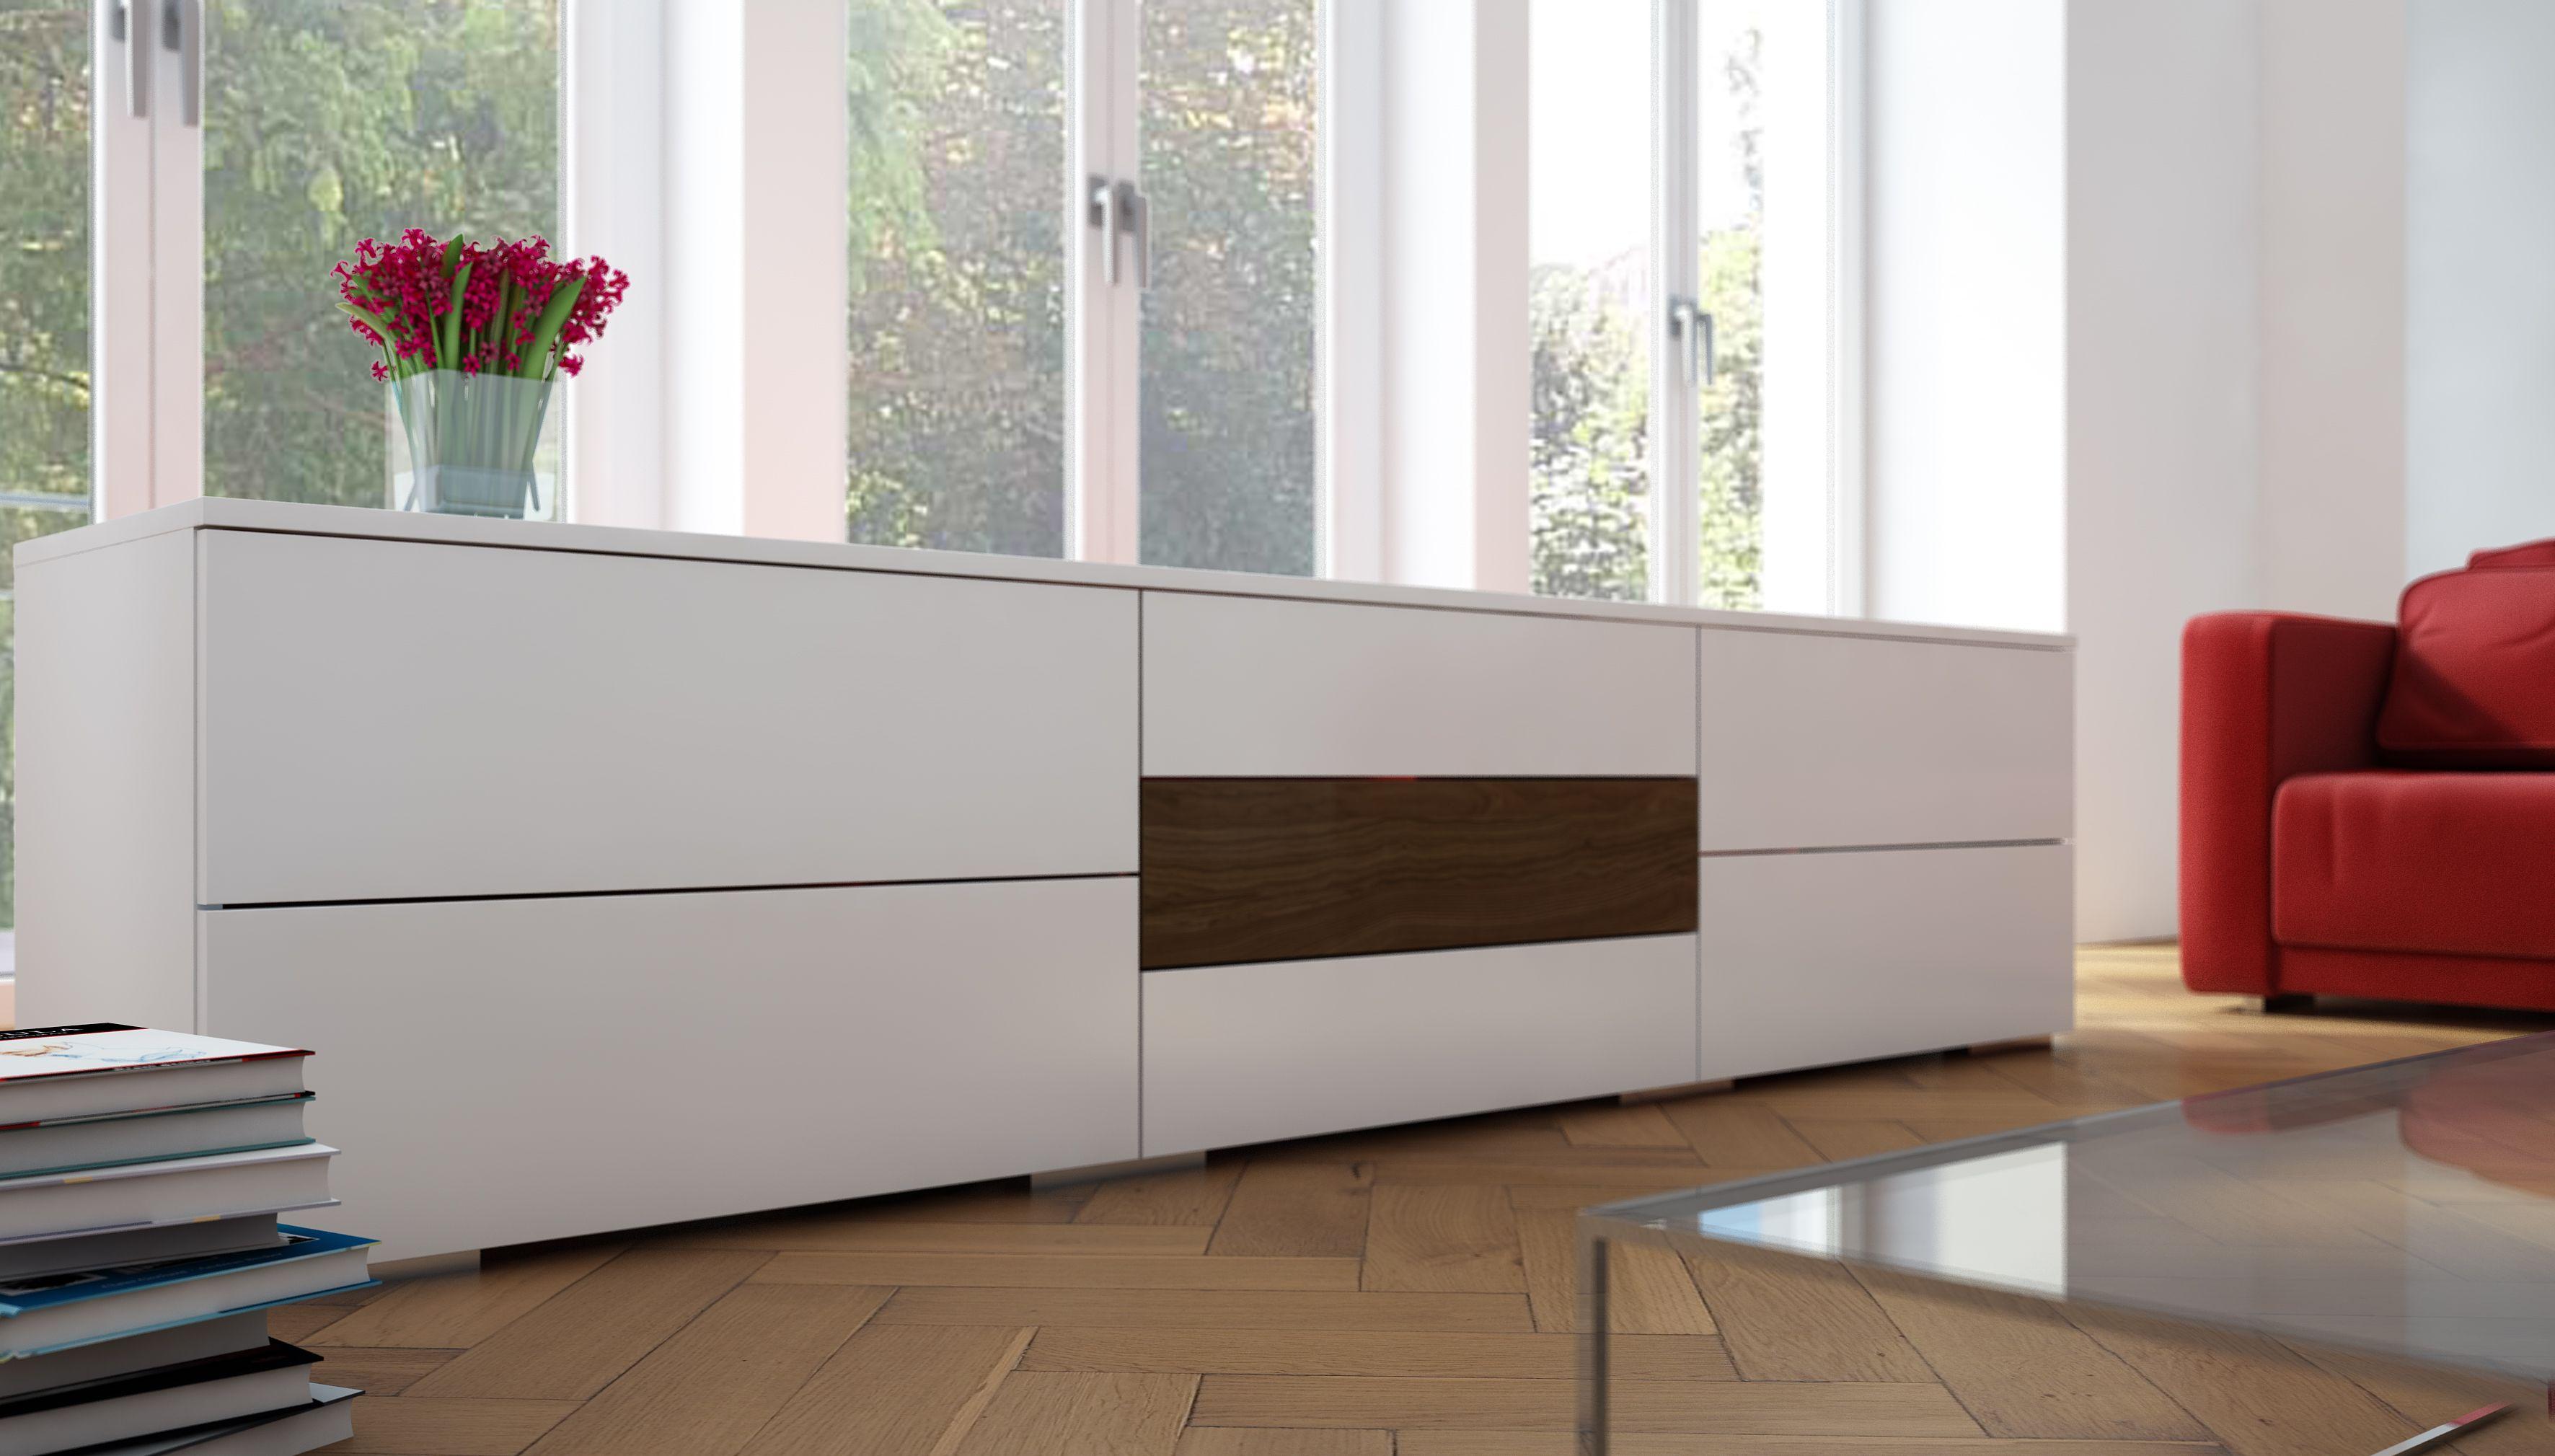 Sideboard im schlichten Design. Geanu nach deinen Maßen